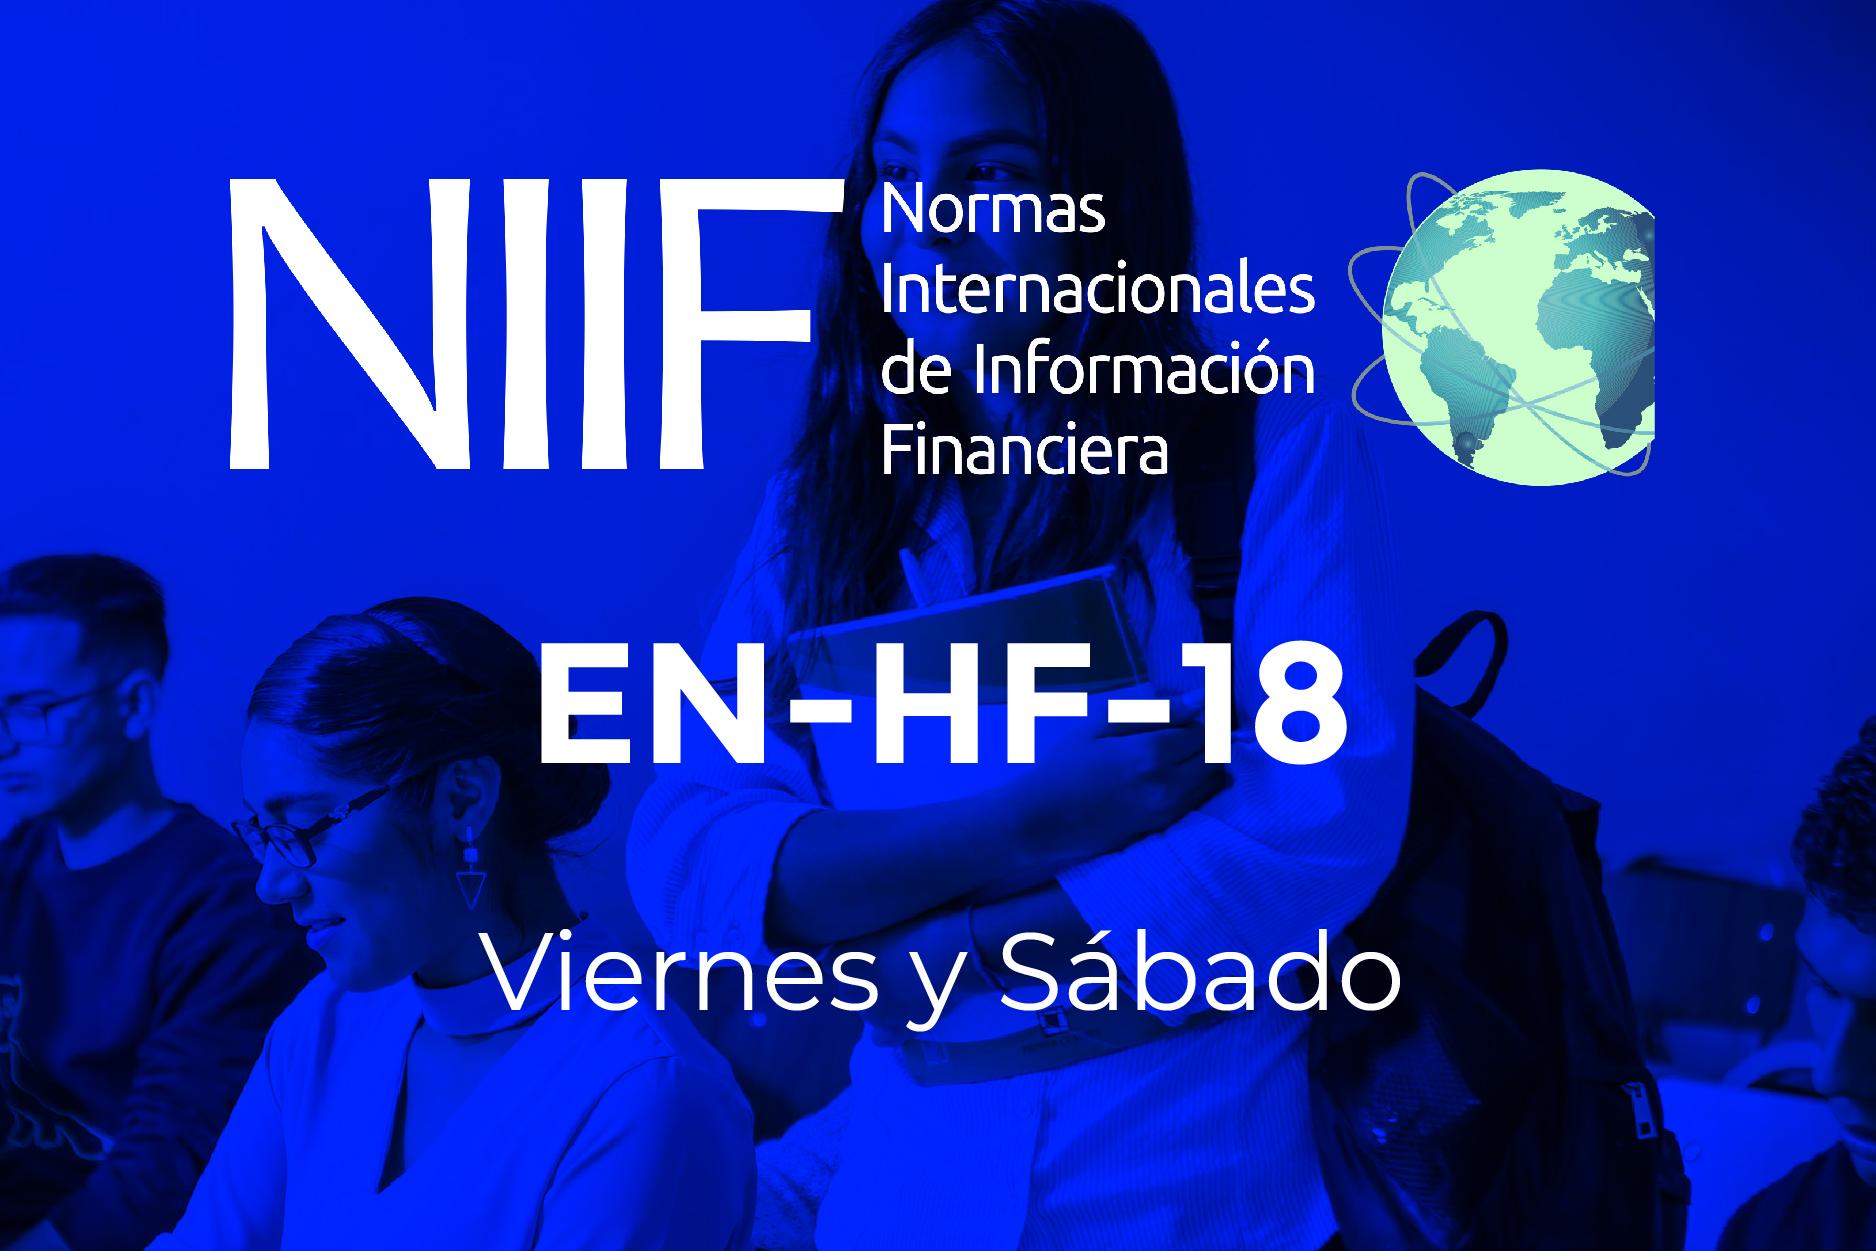 18 - NIIF - VIERNES Y SÁBADO